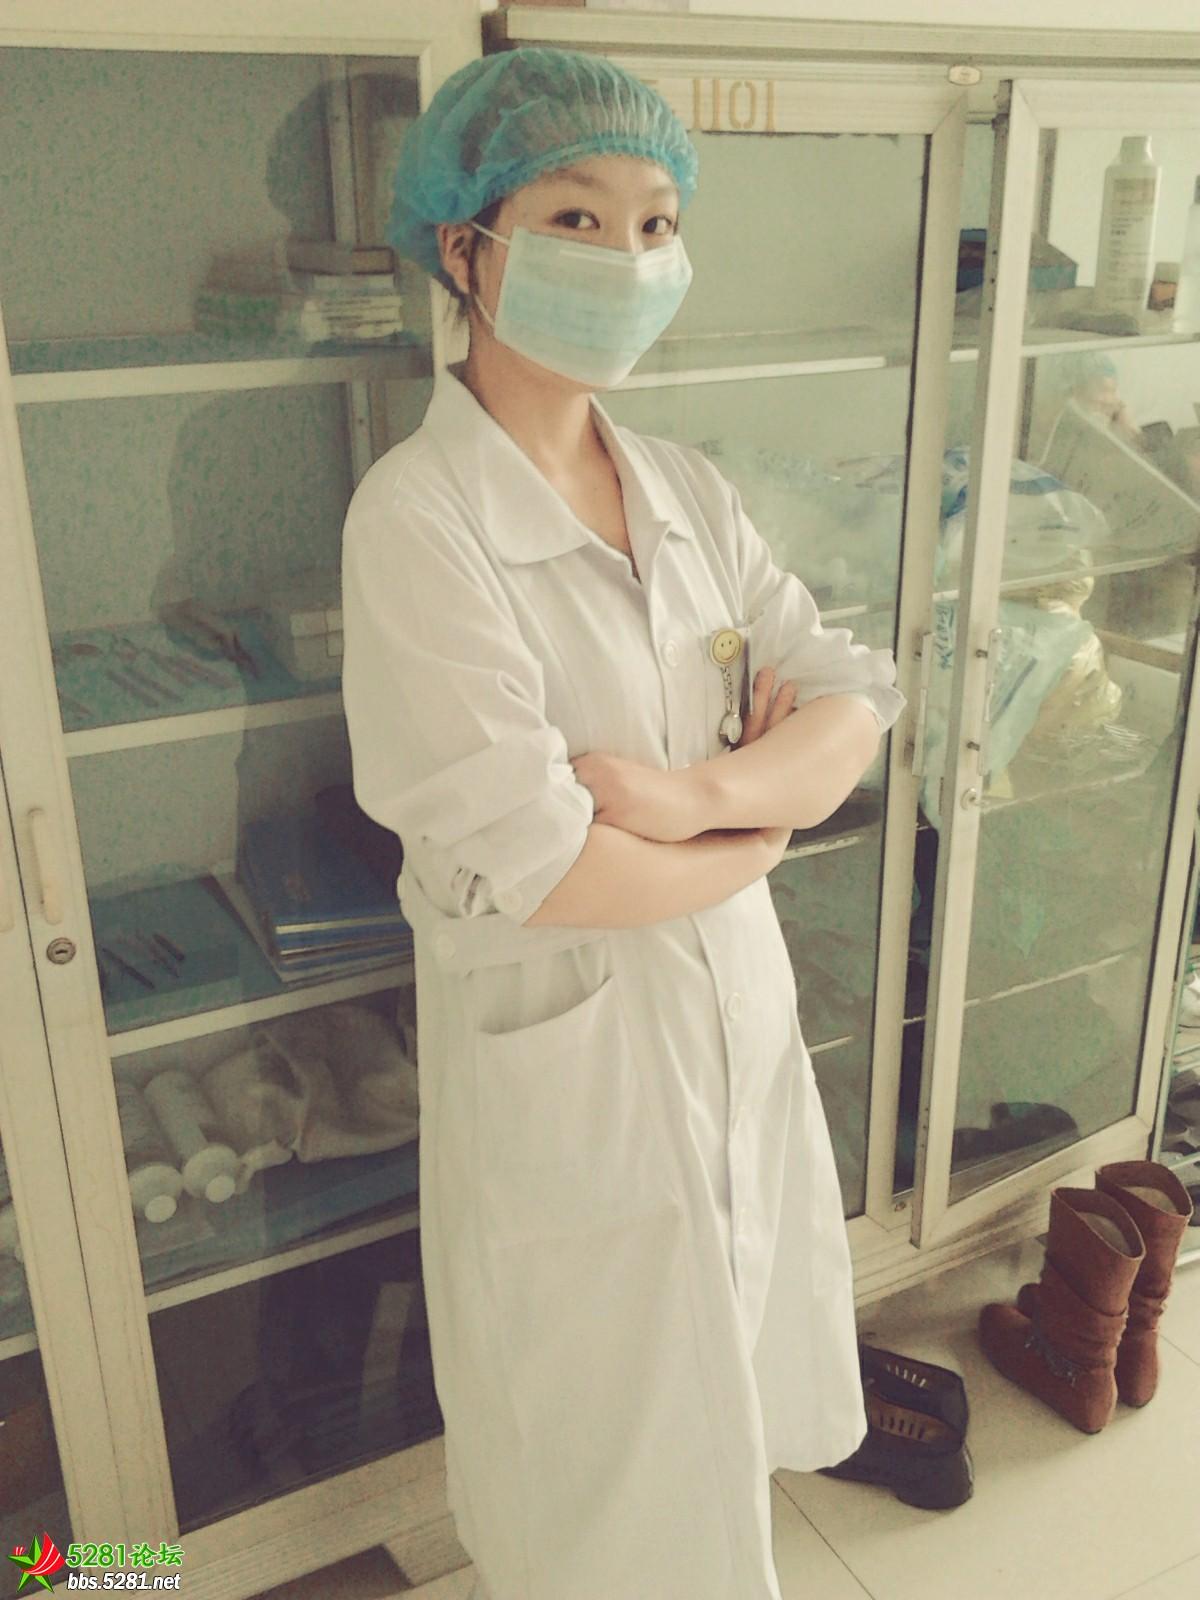 在眼科实习时,手术室外面,器械消毒